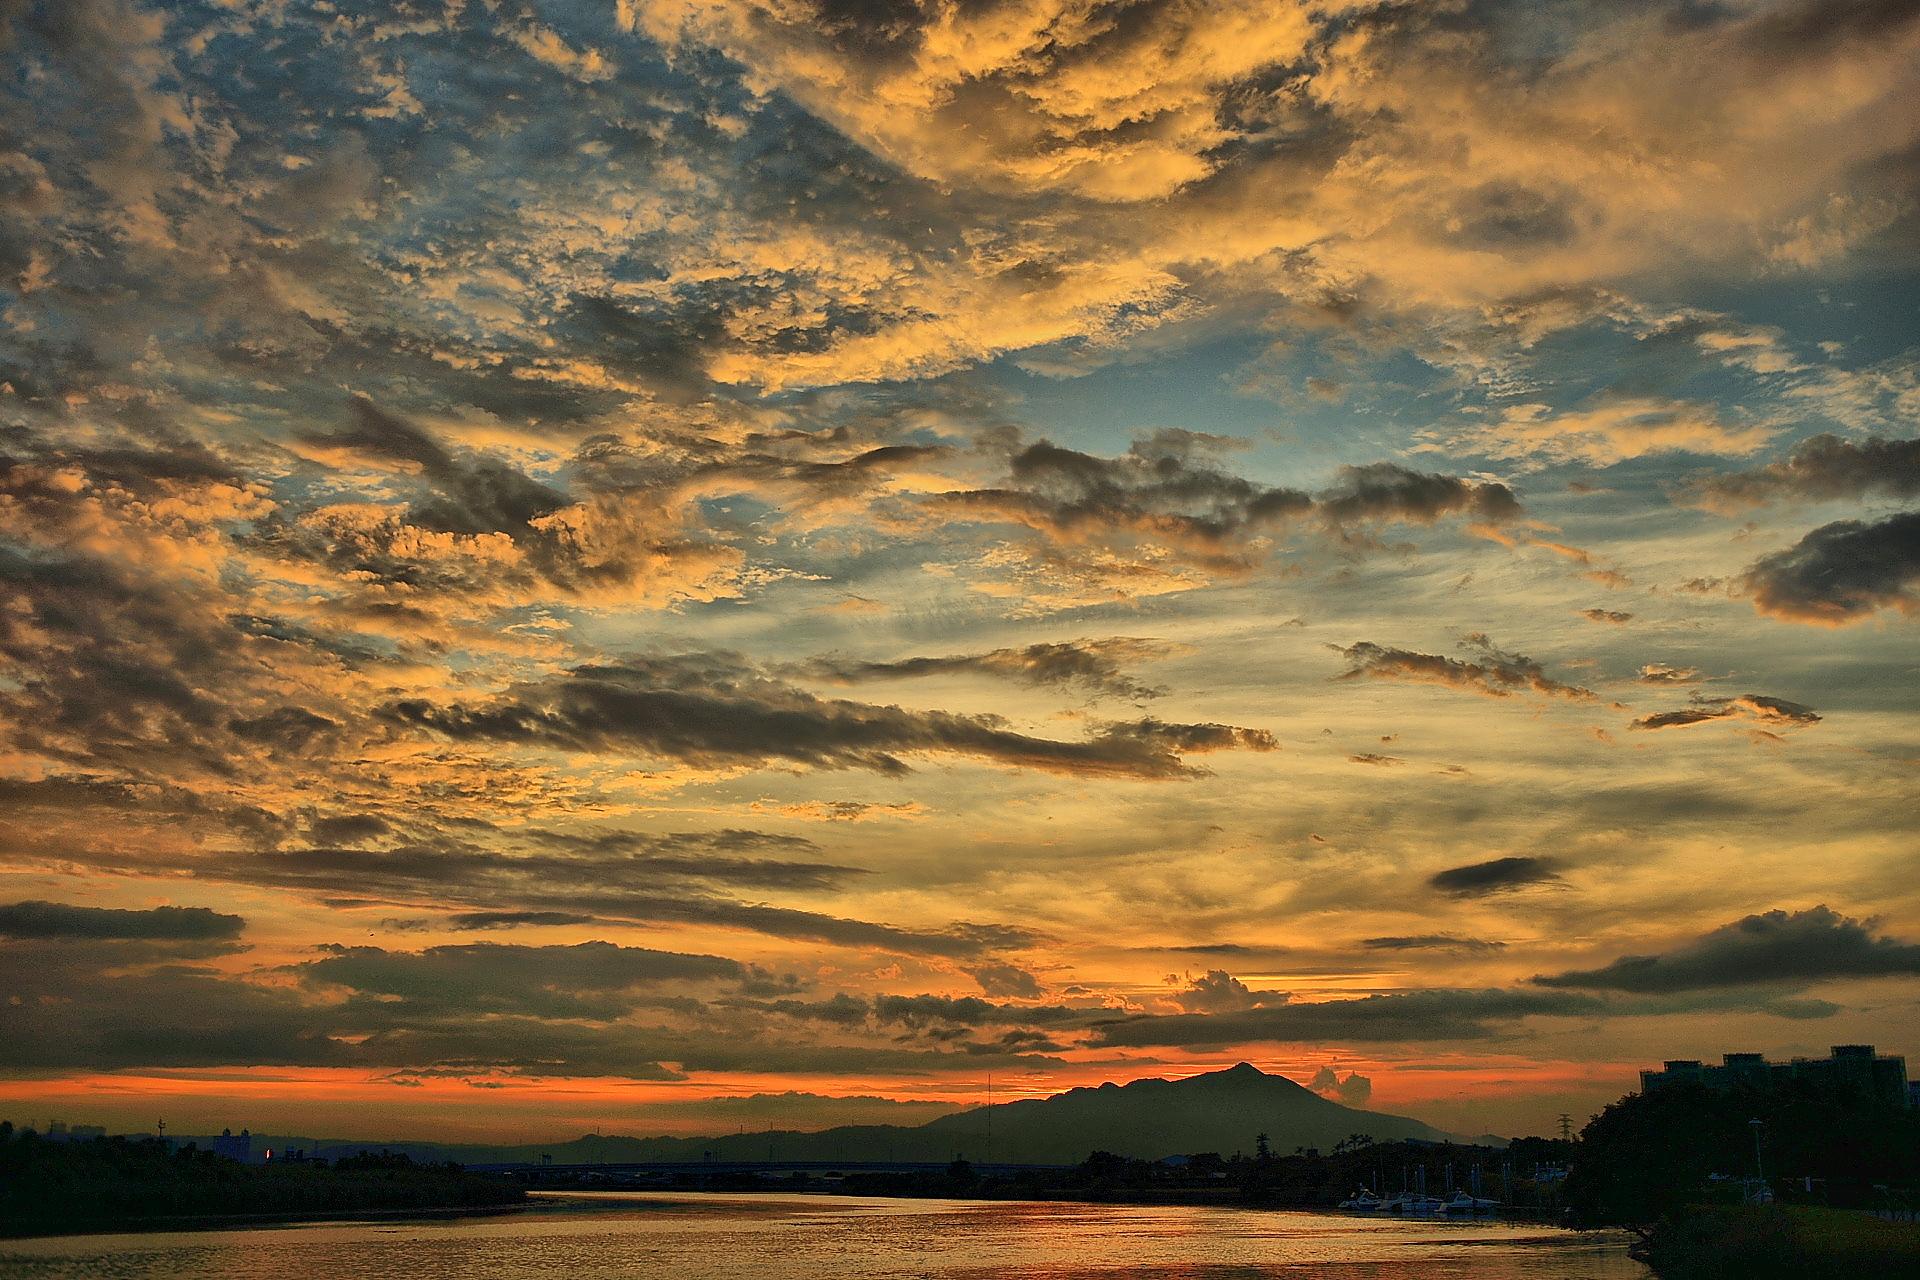 Закат небо фото в высоком качестве часам лучше